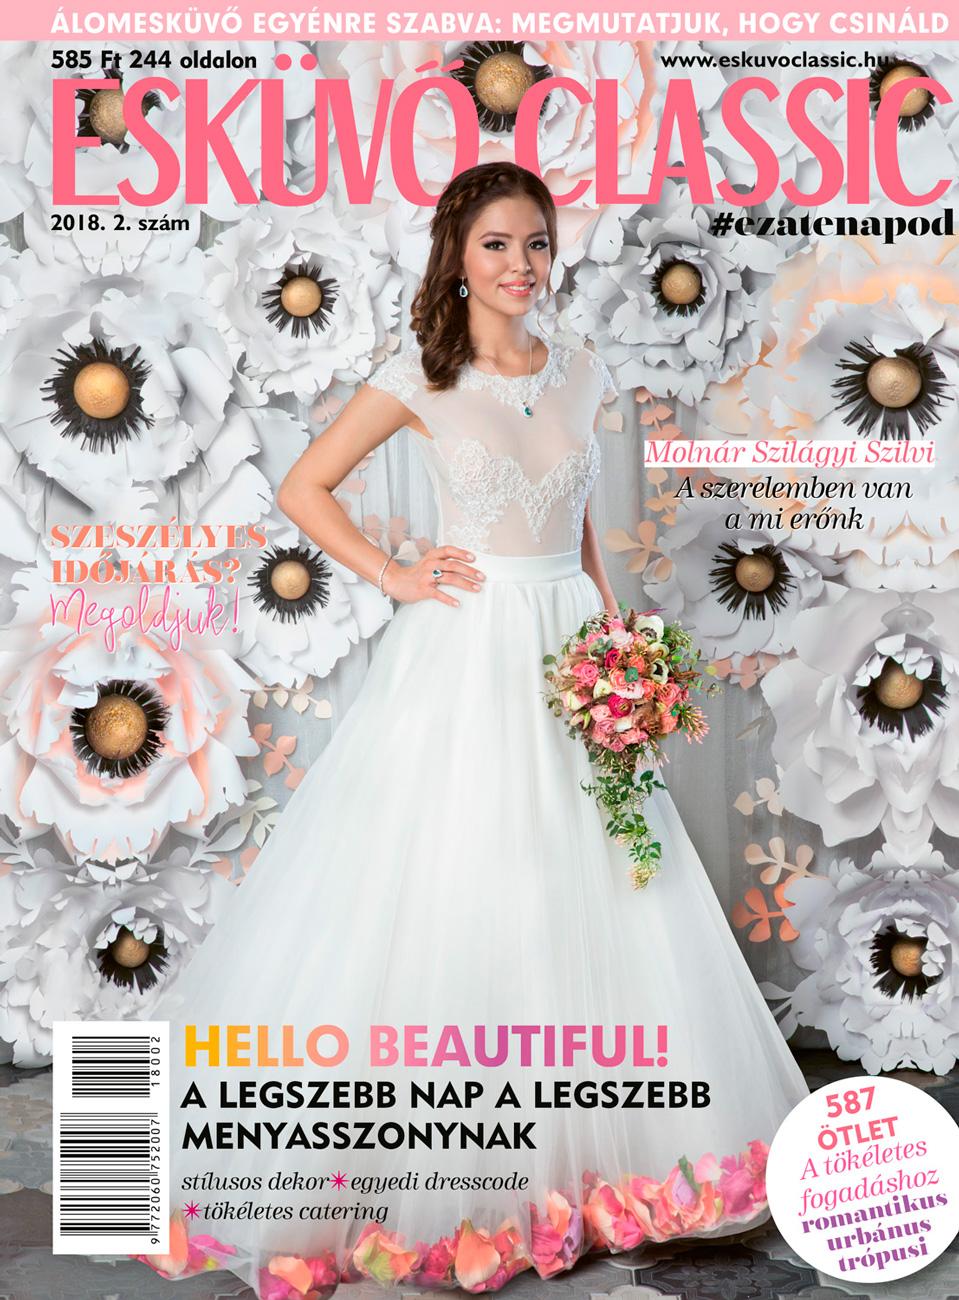 esküvő classic, Magyarország legkedveltebb negyedéves esküvői magazinja, az Esküvő Classic legújabb száma már az újságárusoknál